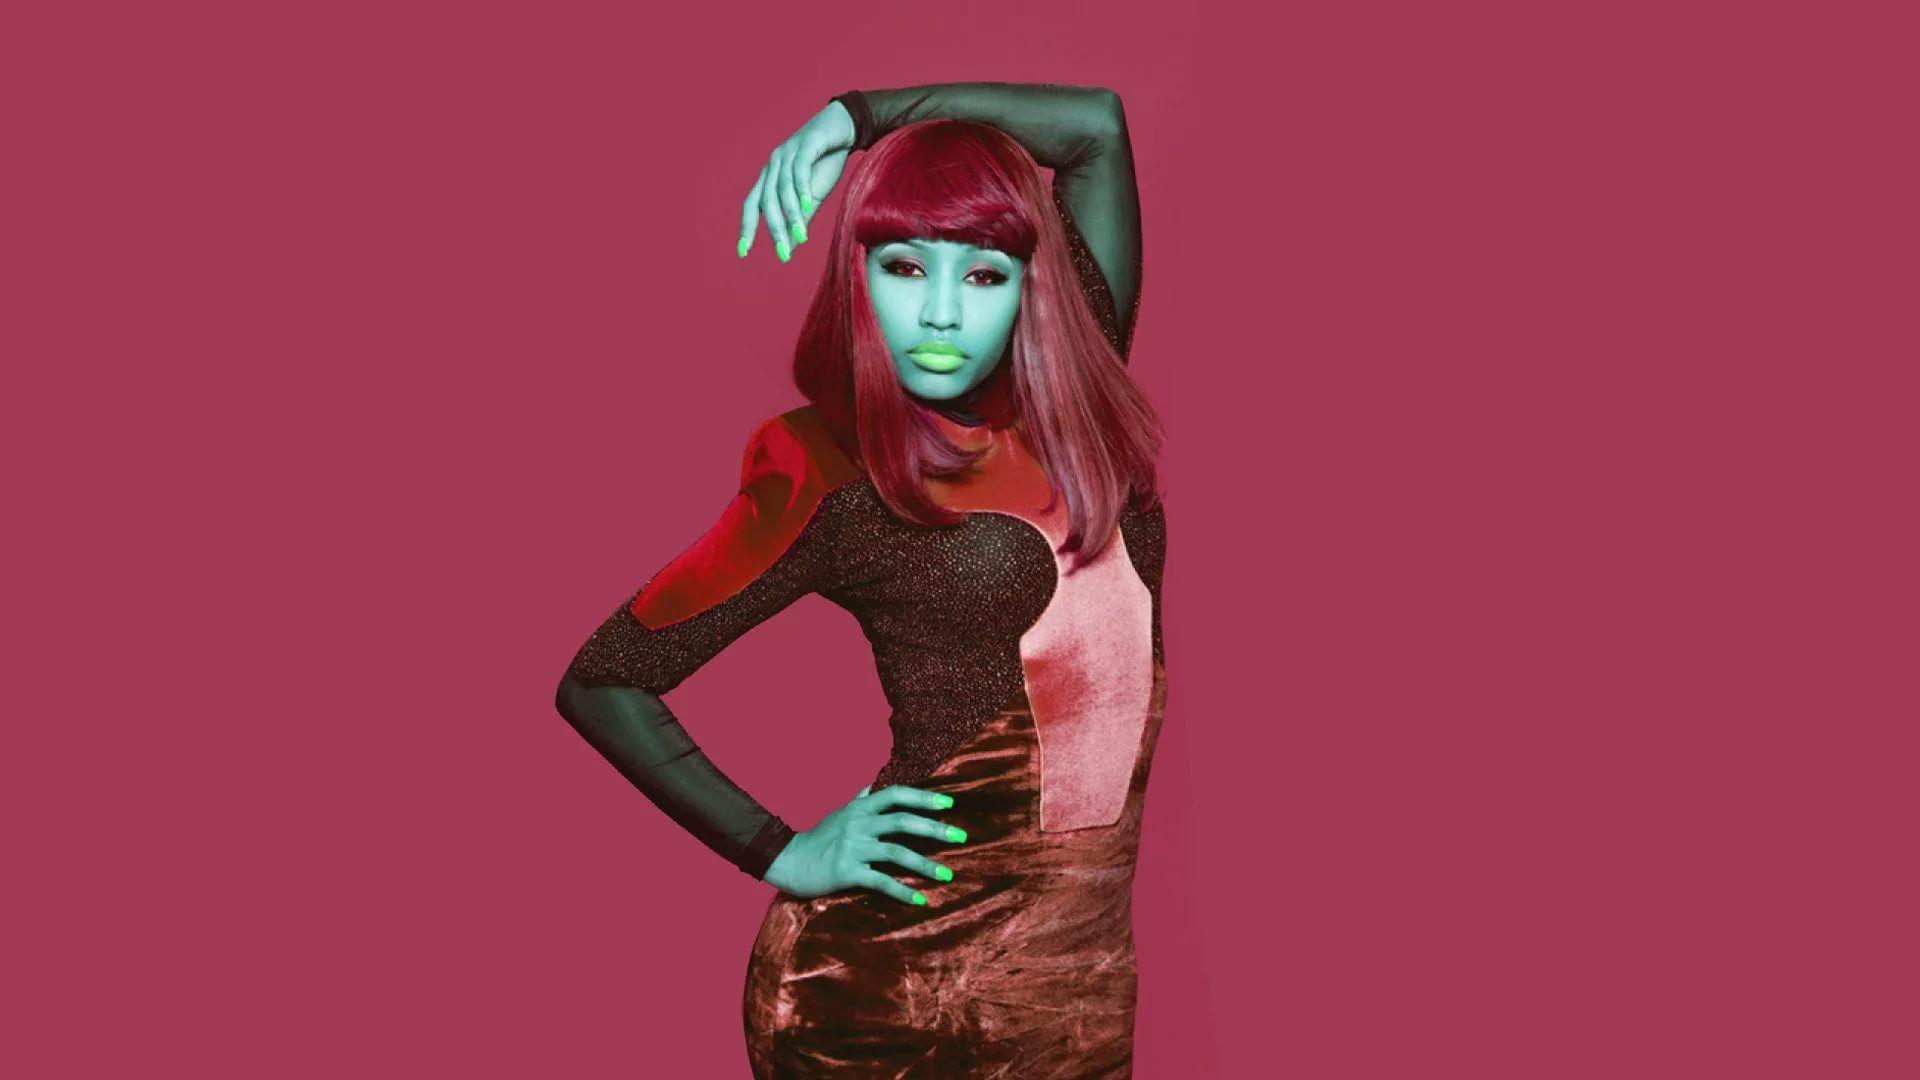 Nicki Minaj hd wallpaper for laptop